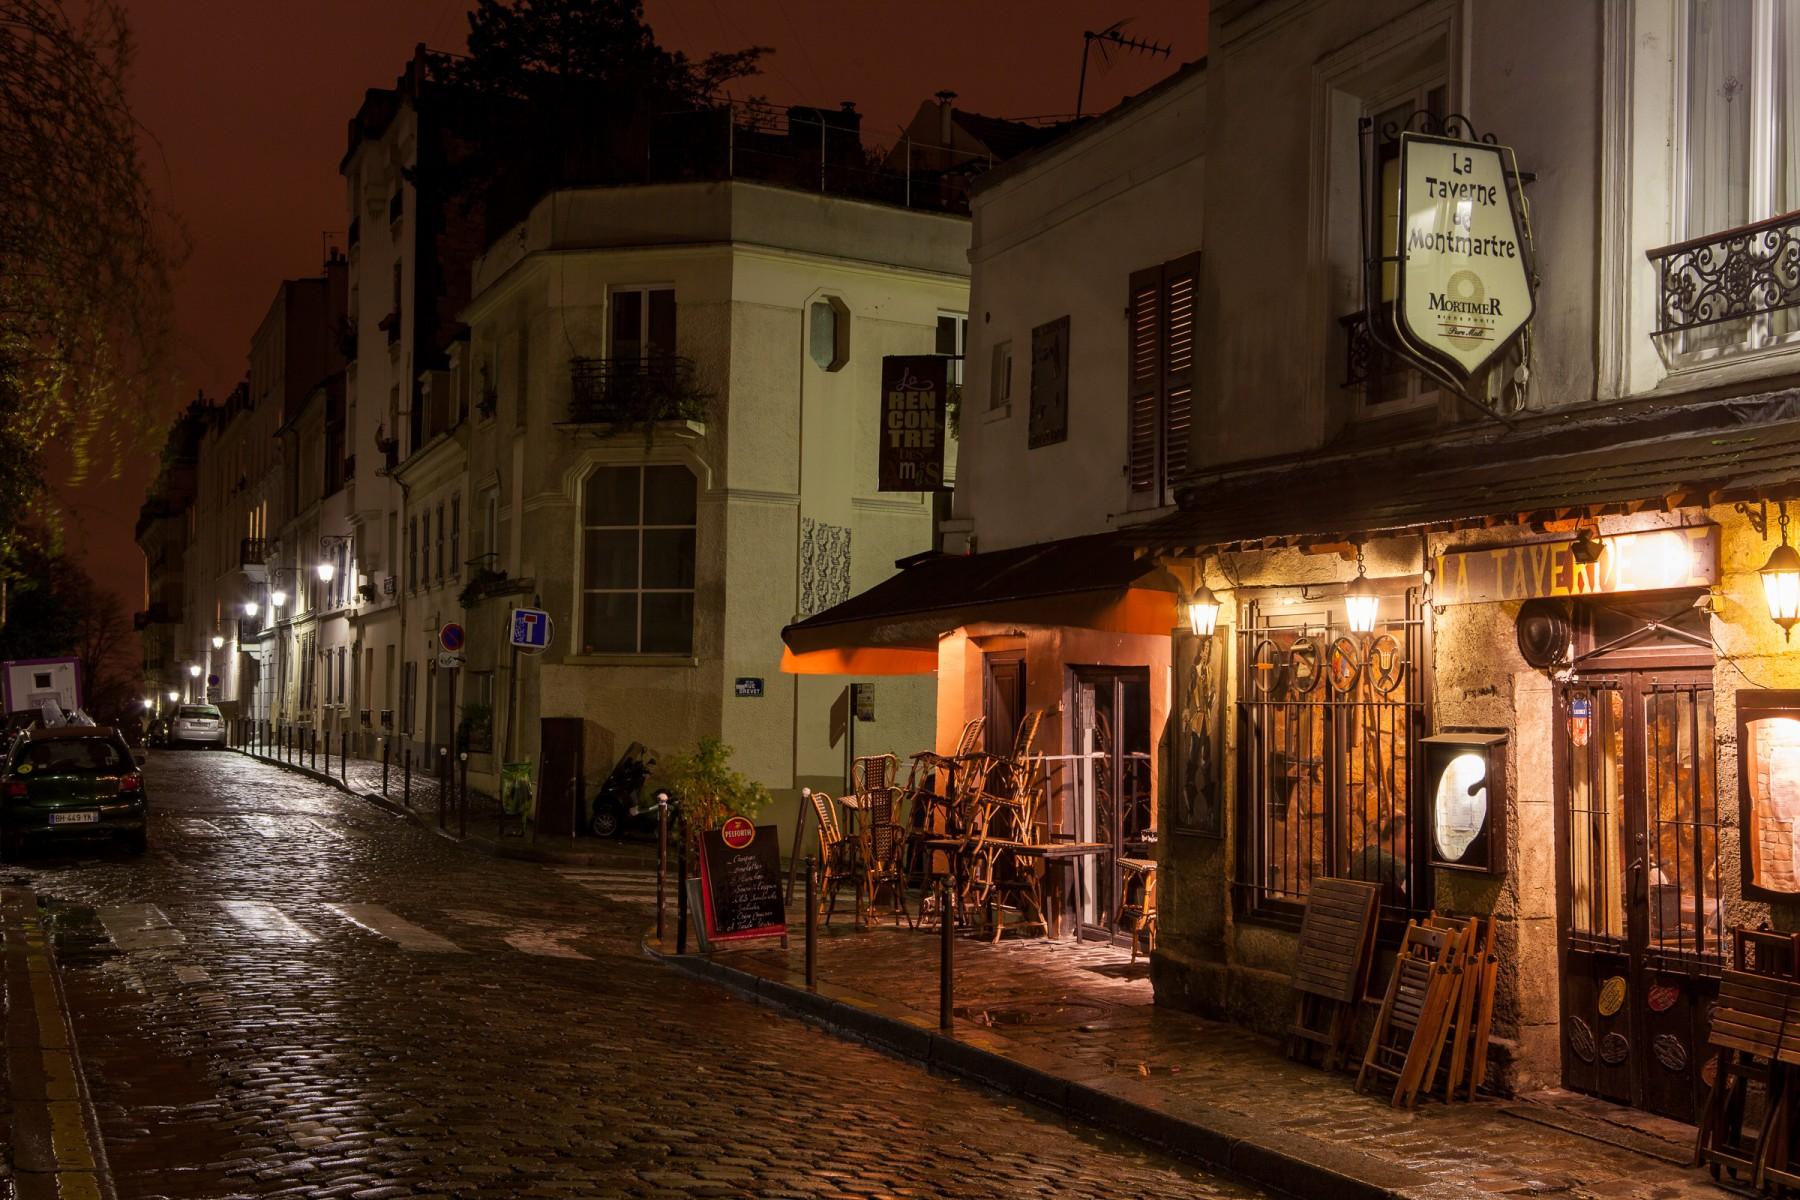 Montmartre Tavern